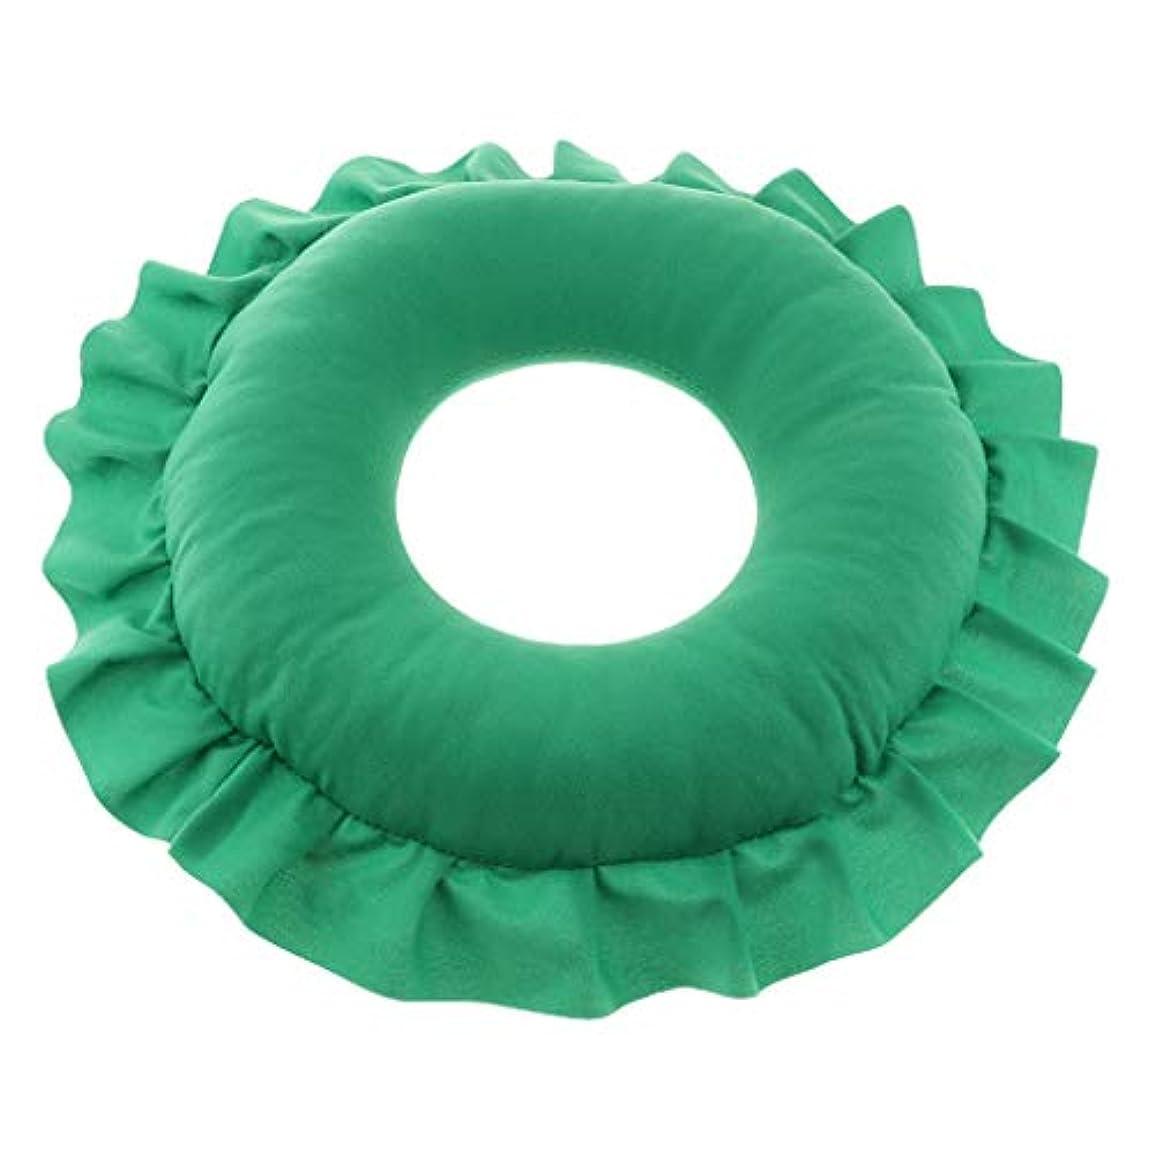 寝てる演じる盲目D DOLITY マッサージ枕 顔枕 マッサージピロー 美容院 柔らかくて快適 取り外し可能 洗える 全4色 - 緑